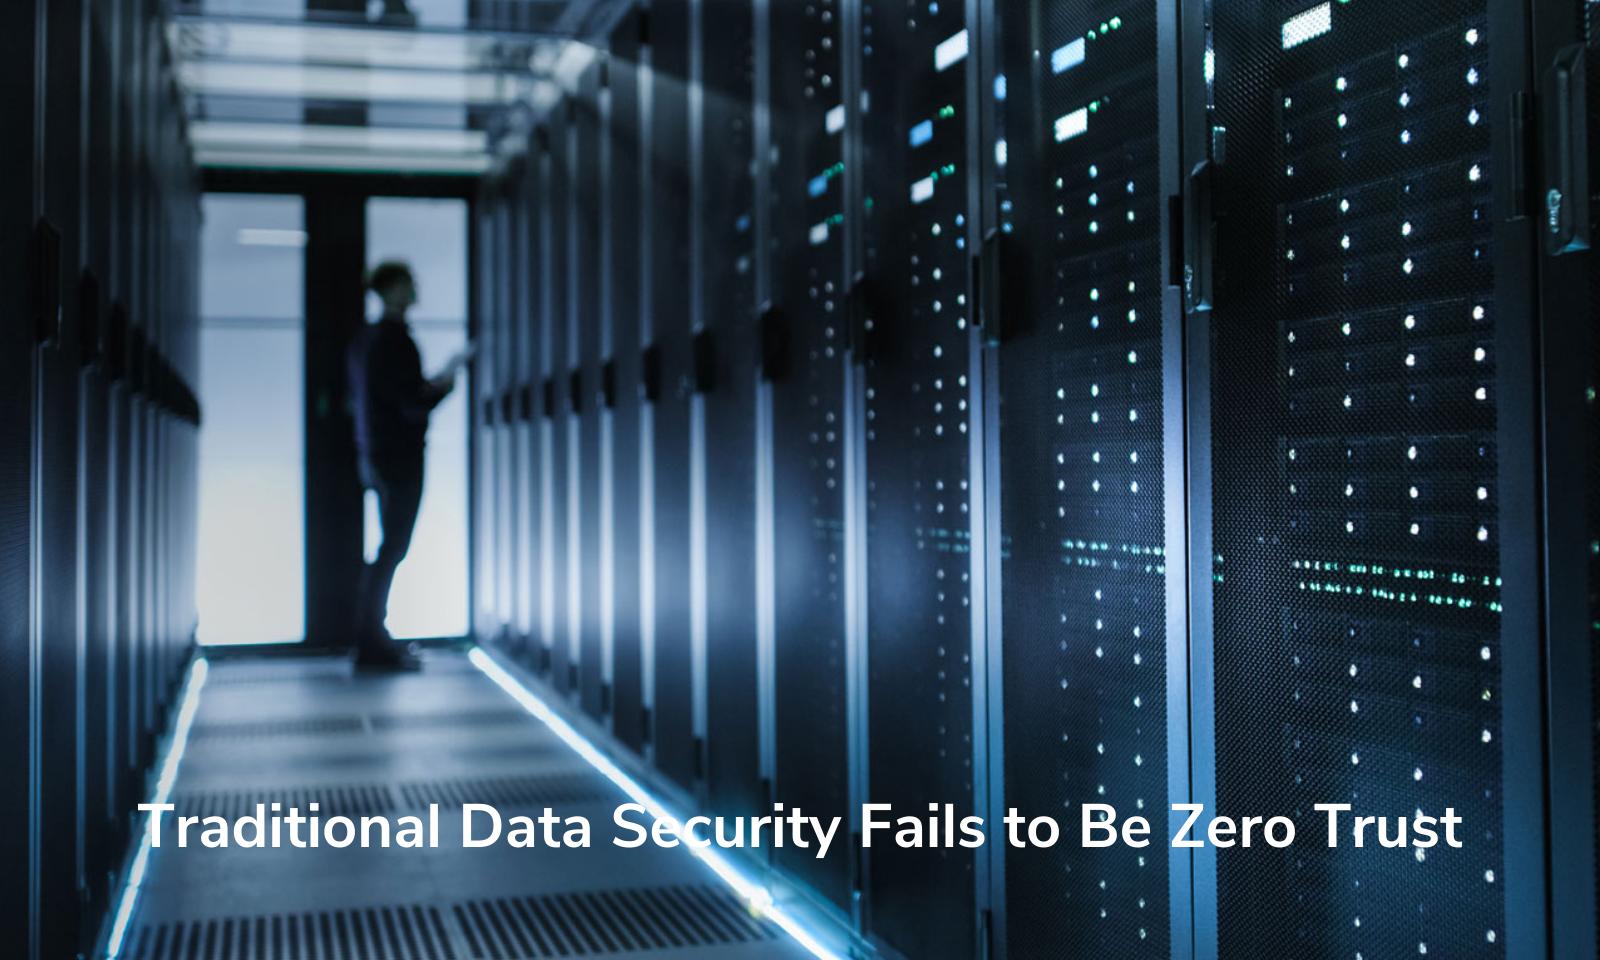 A segurança de dados tradicional não é confiável